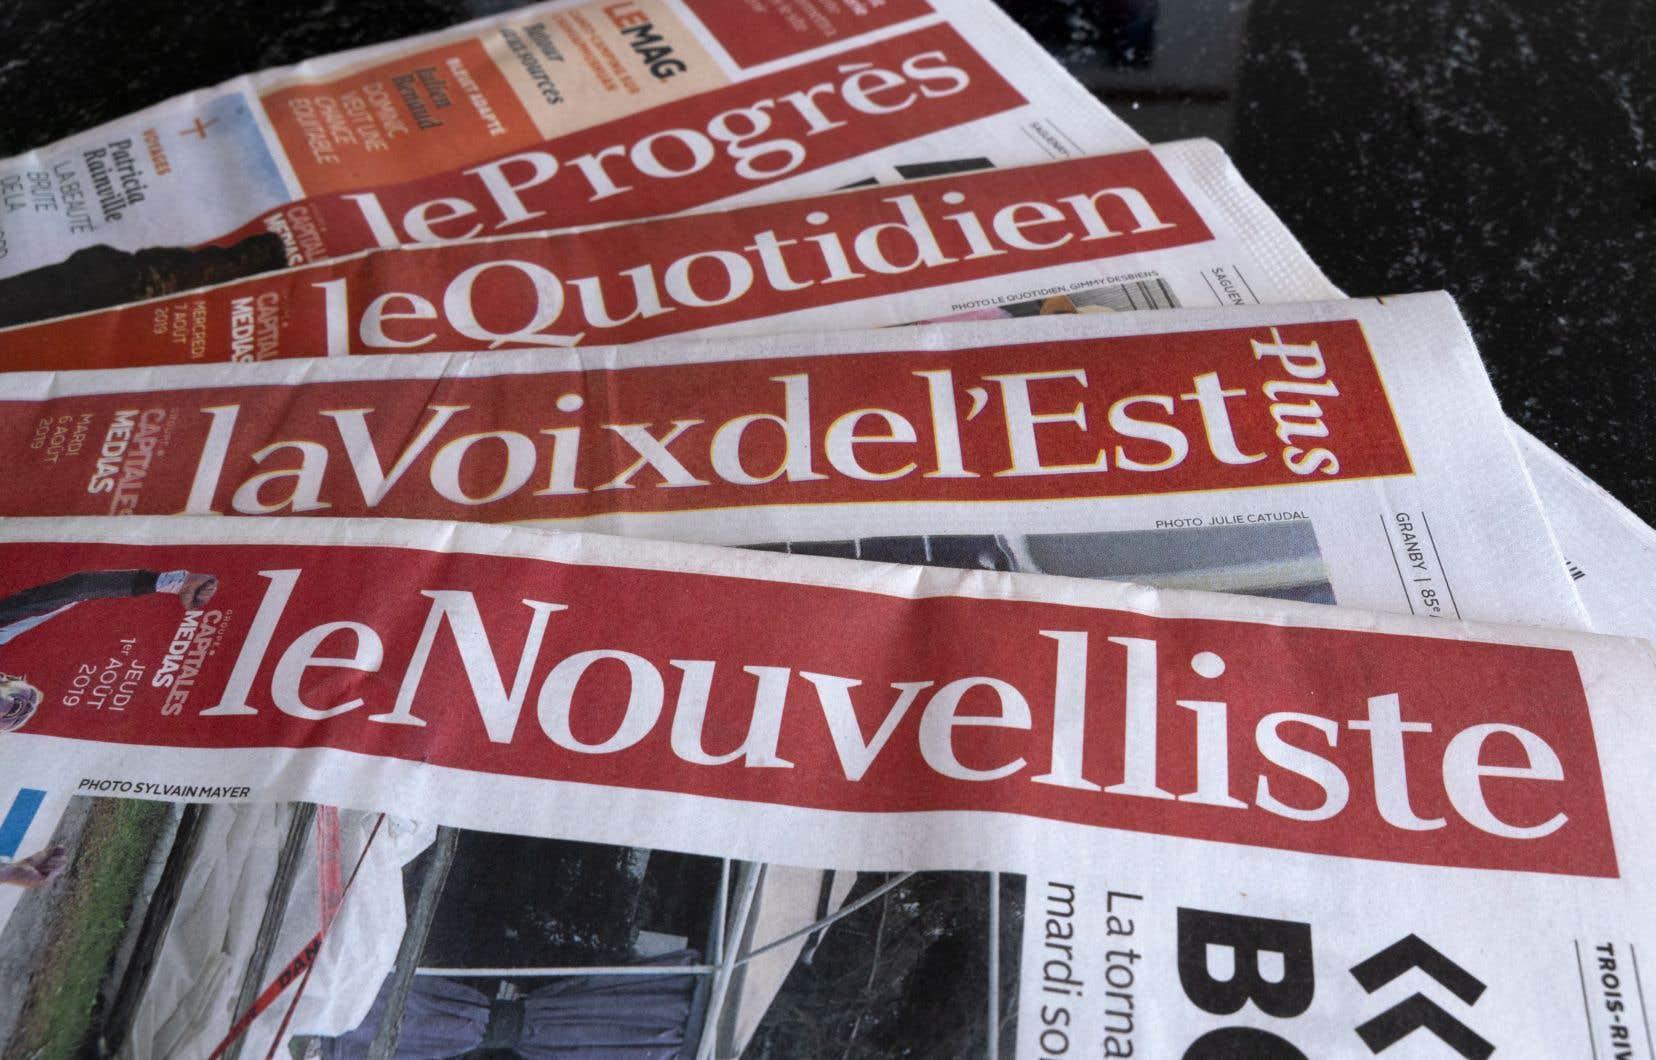 «Les journaux sont importants pour la circulation de l'information et la préservation de la vie démocratique», soutiennent les auteures.